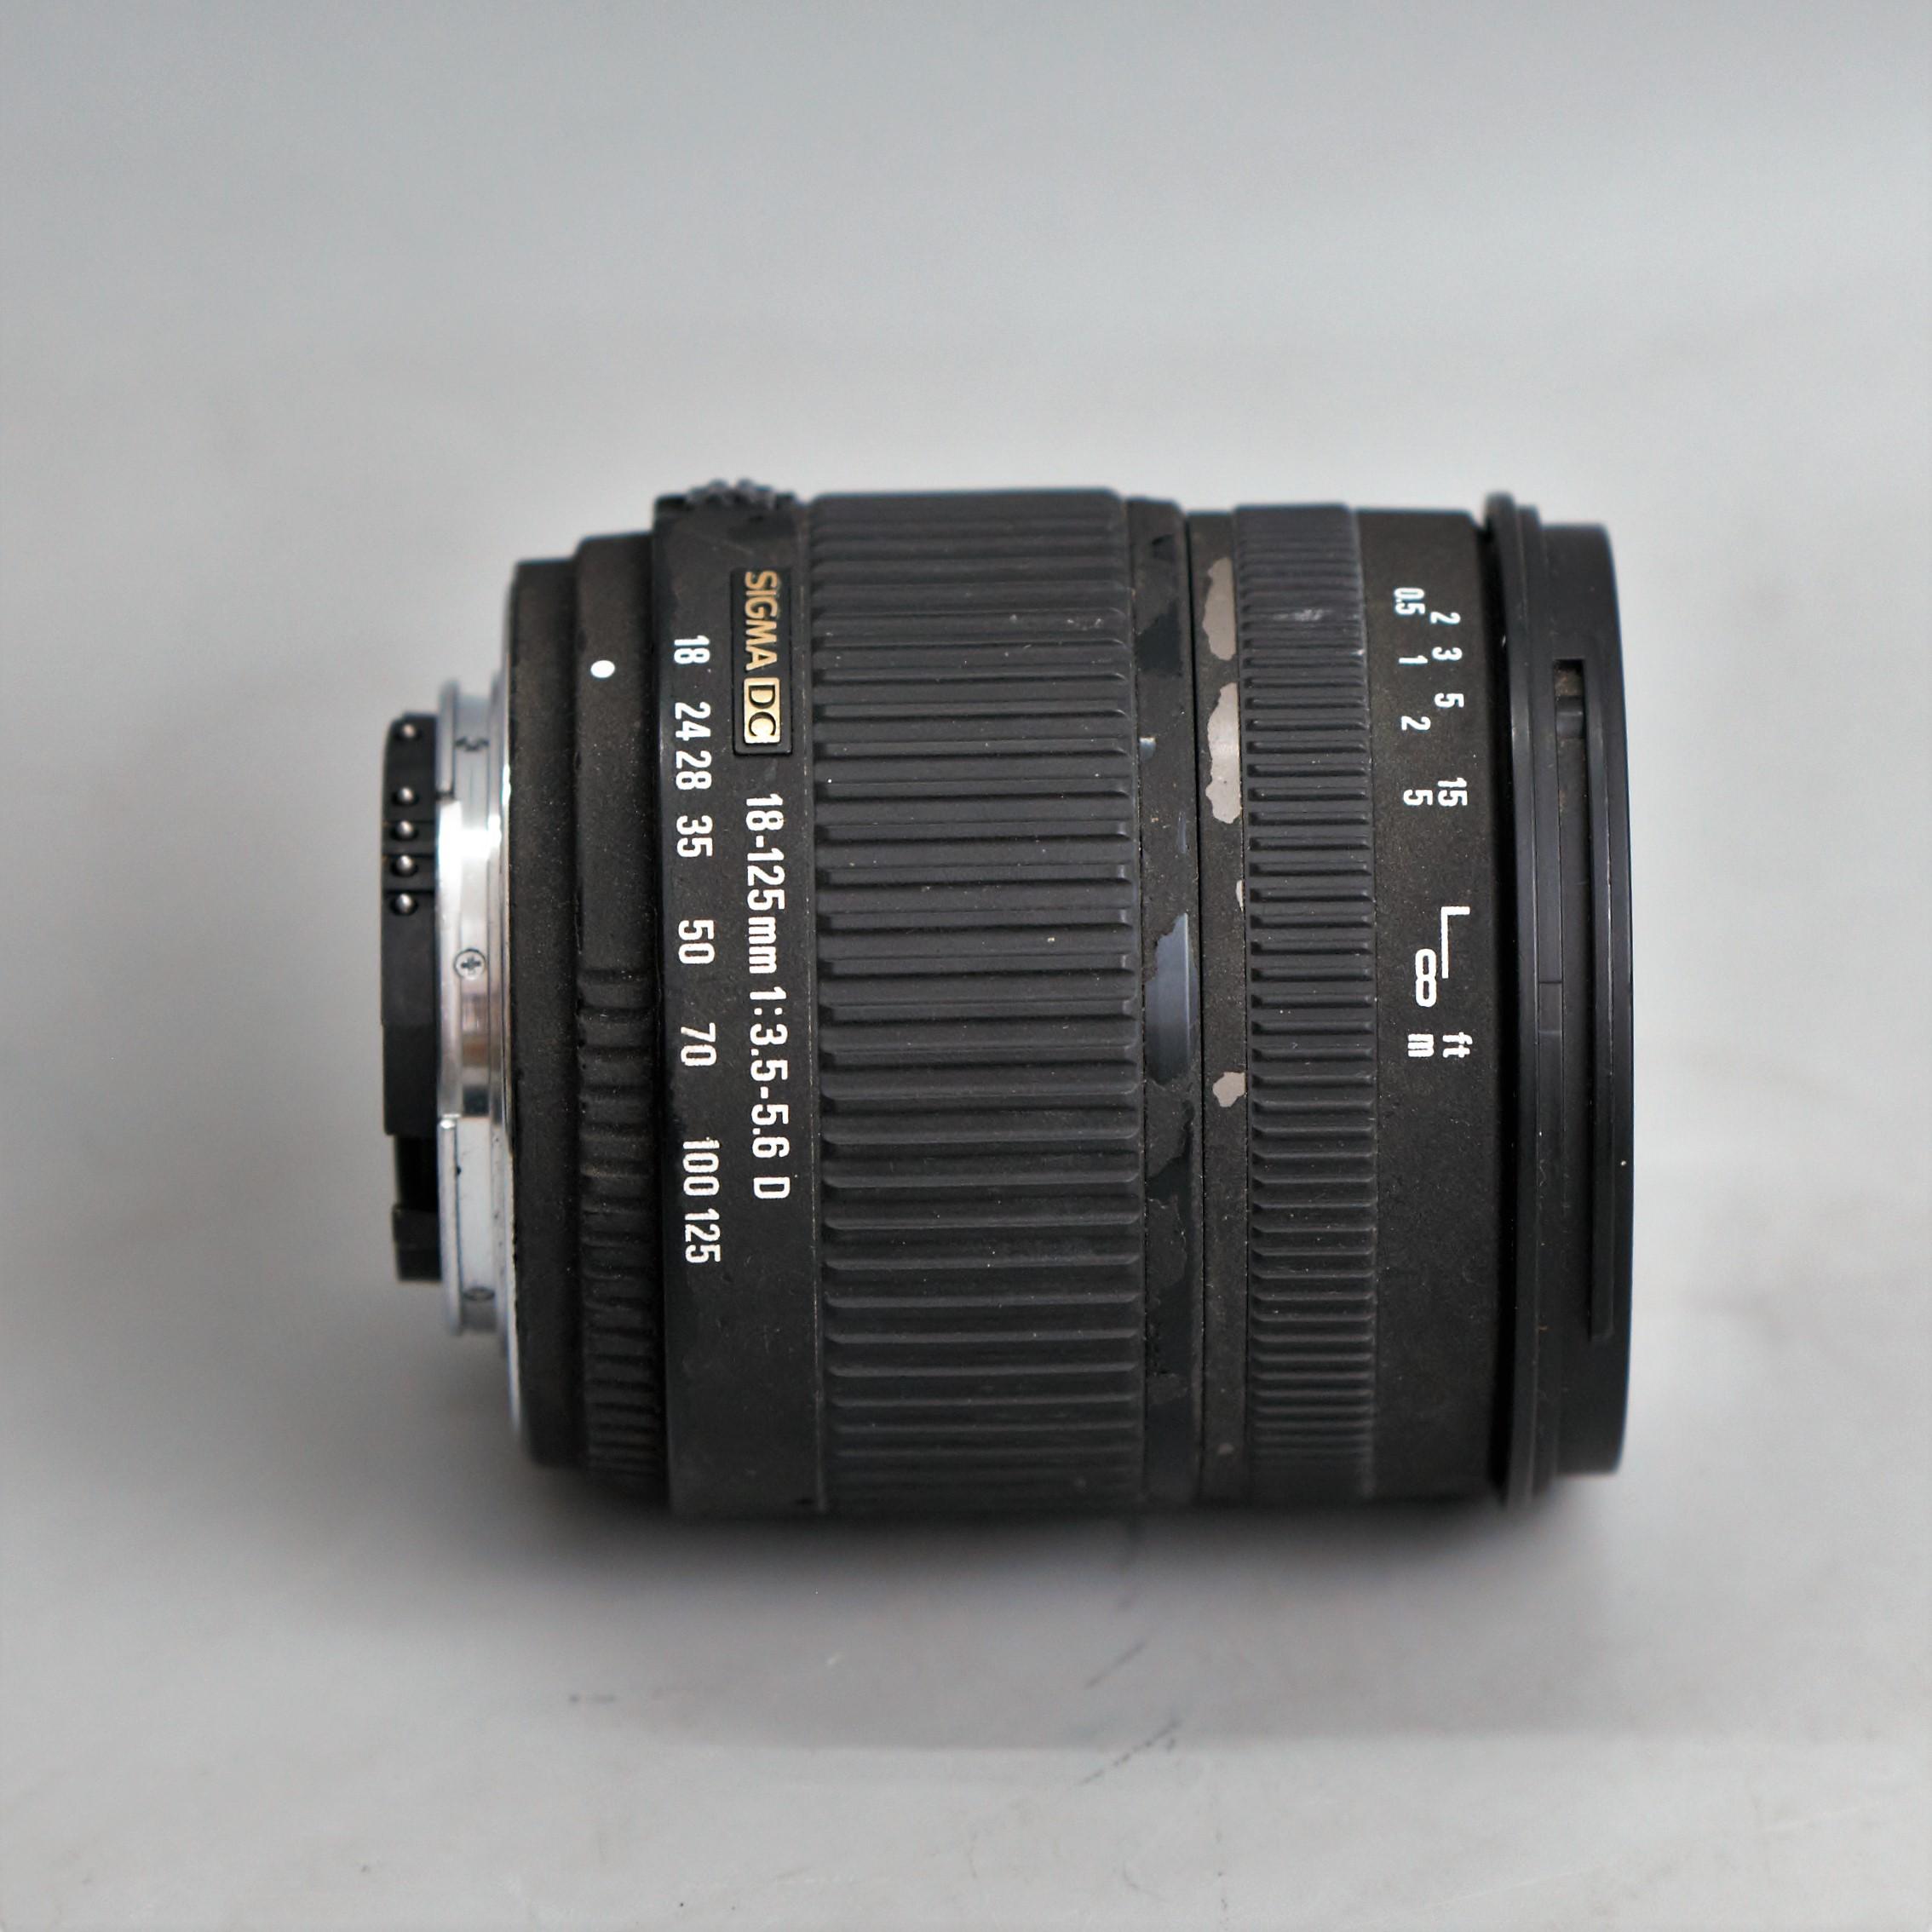 sigma-af-18-125mm-f3-5-5-6-nikon-sigma-18-125-3-5-5-6-10401